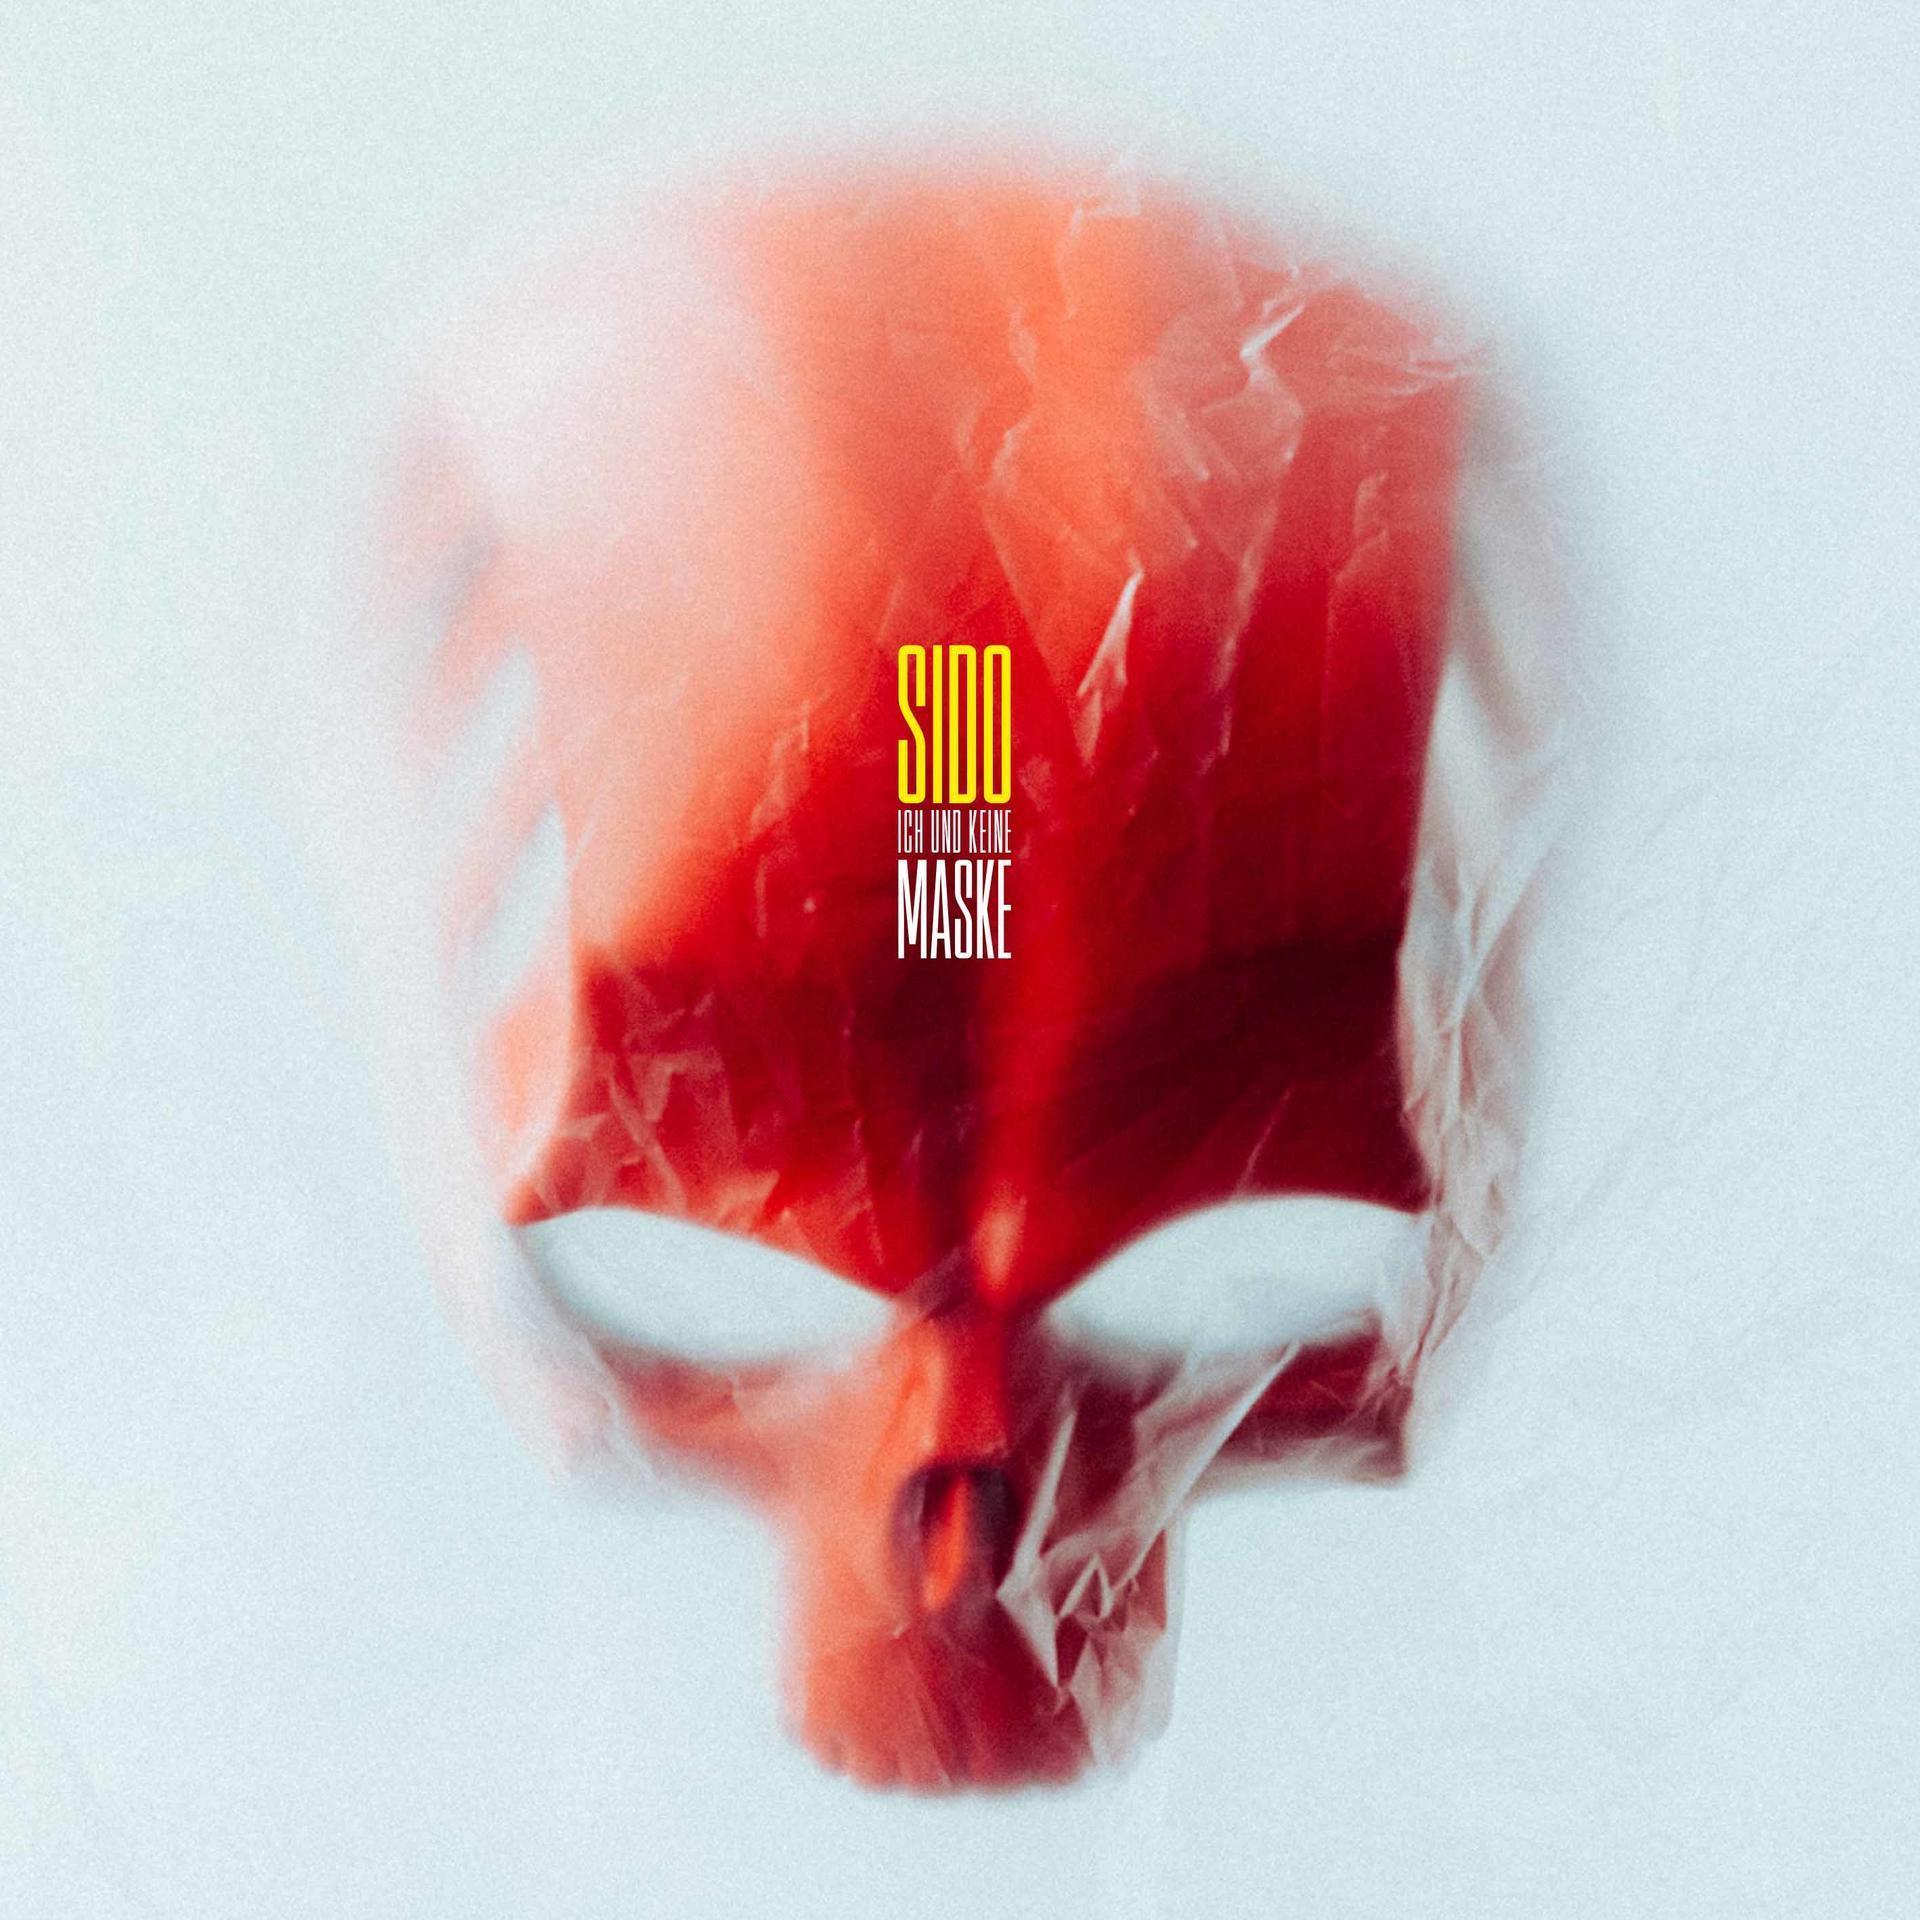 Ich & Keine Maske (Sido) für 19,96 Euro